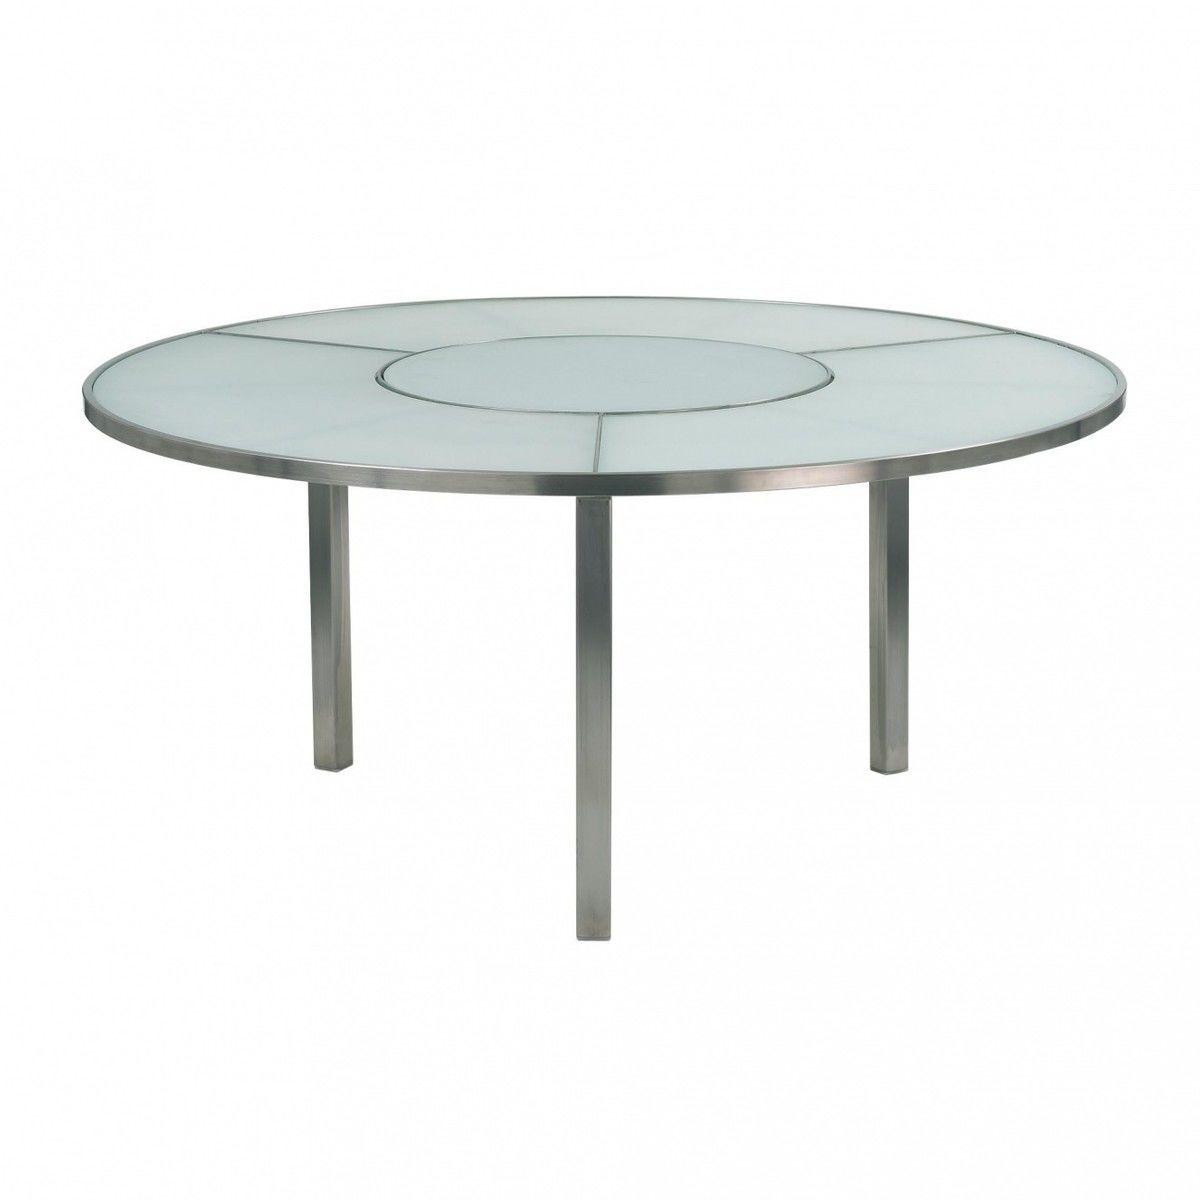 Gartentisch rund weiß  O-Zon Gartentisch rund Ø160 | Royal Botania | AmbienteDirect.com